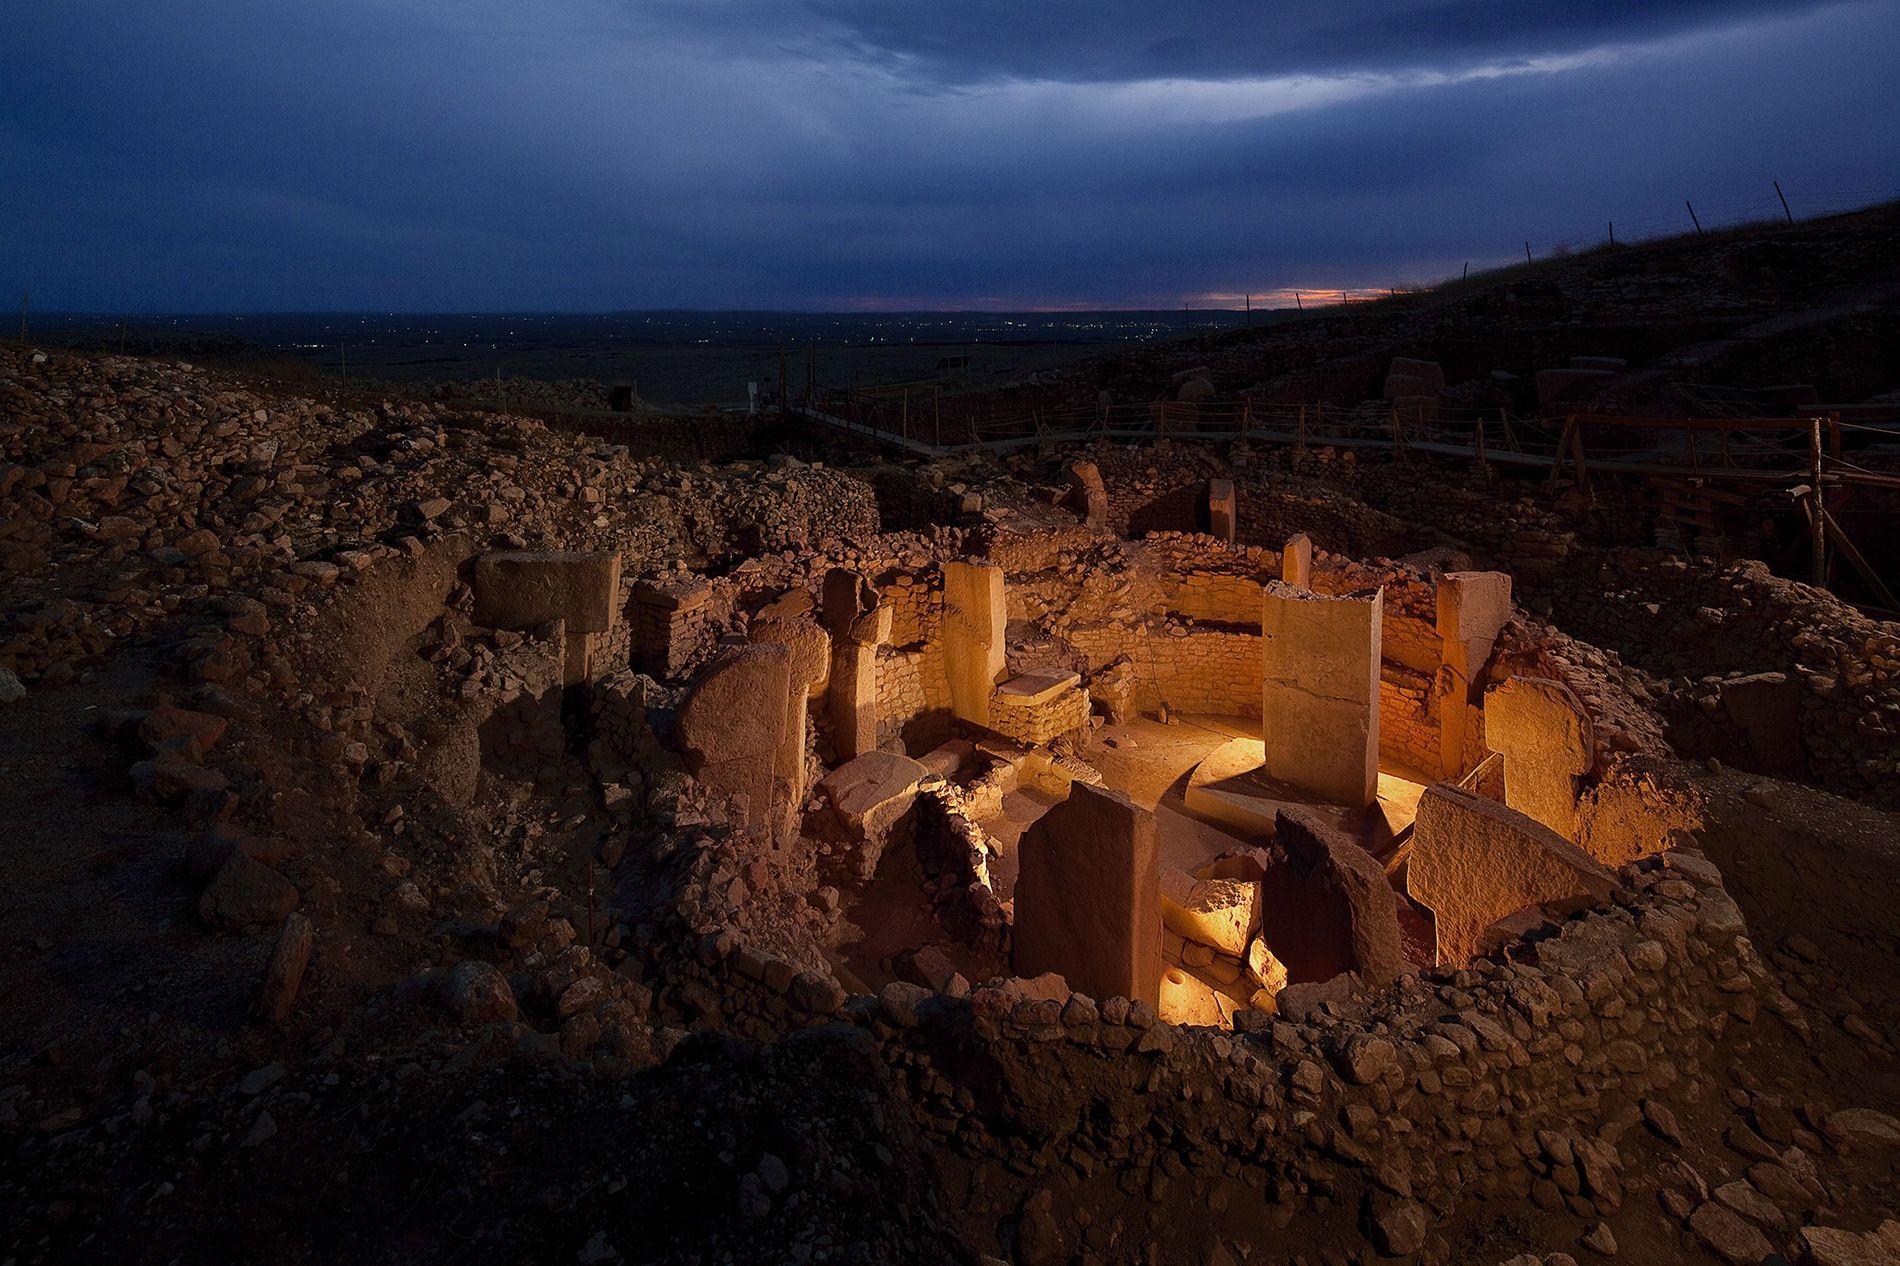 Les temples circulaires du site de Gobekli Tepe ont transformé la manière dont les archéologues perçoivent ...